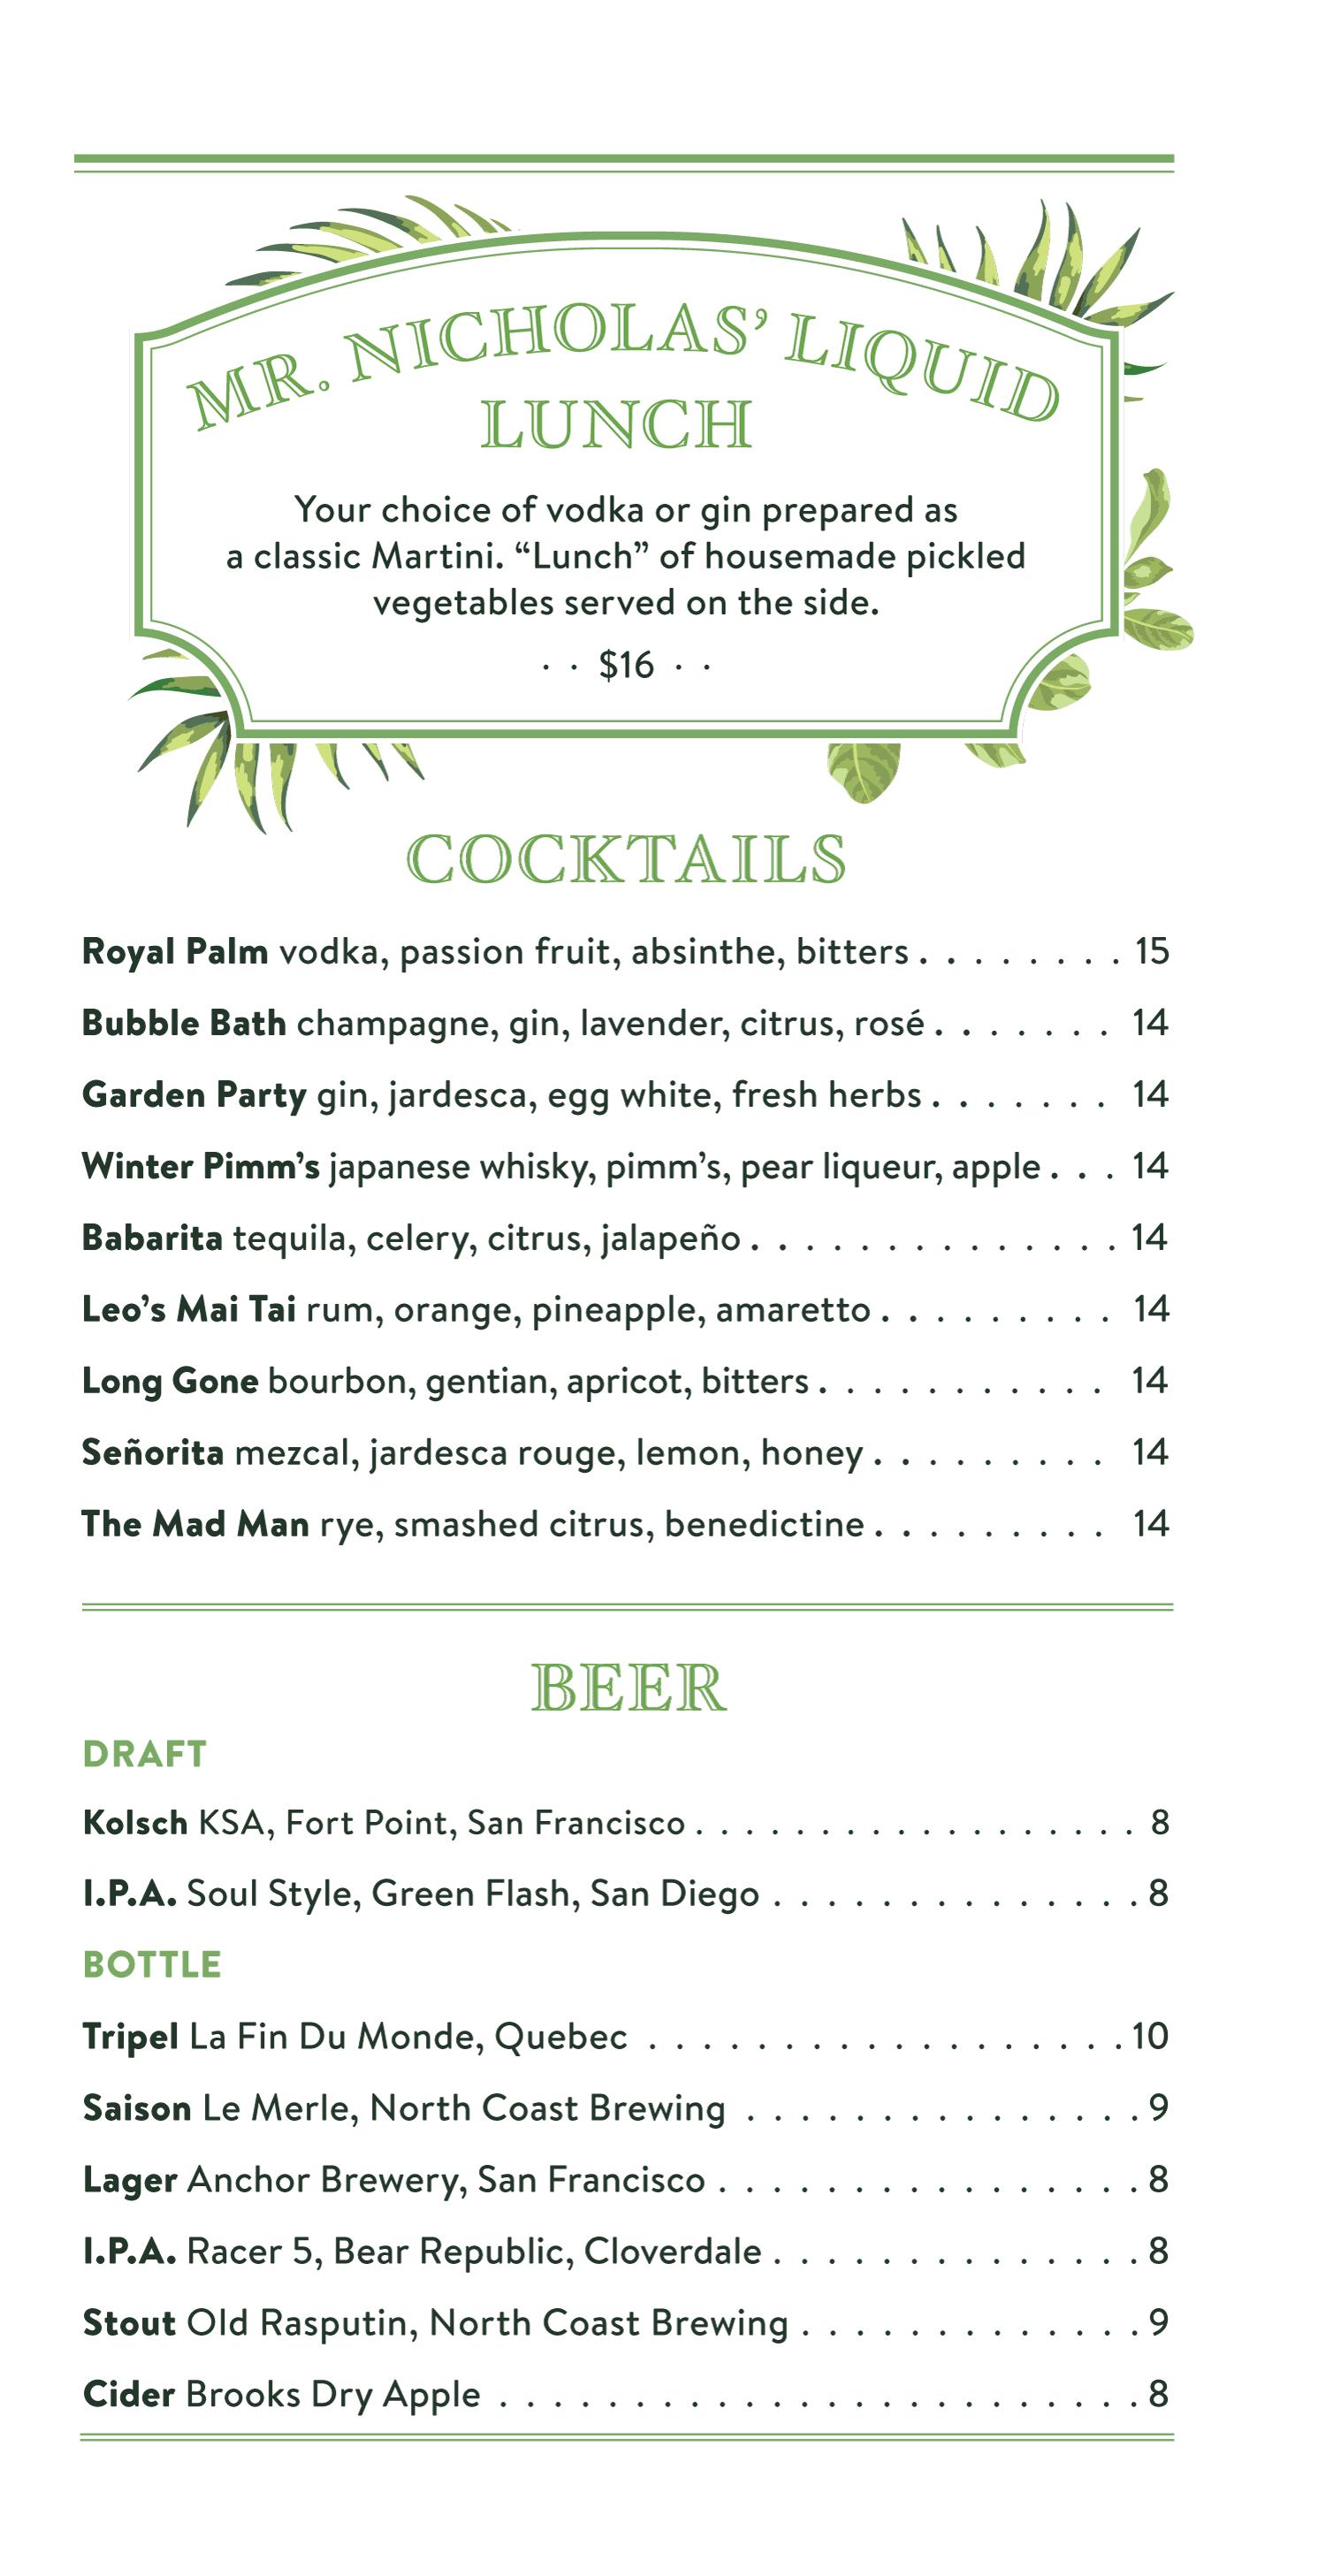 NEW-Cocktail-Menu-2.7.18